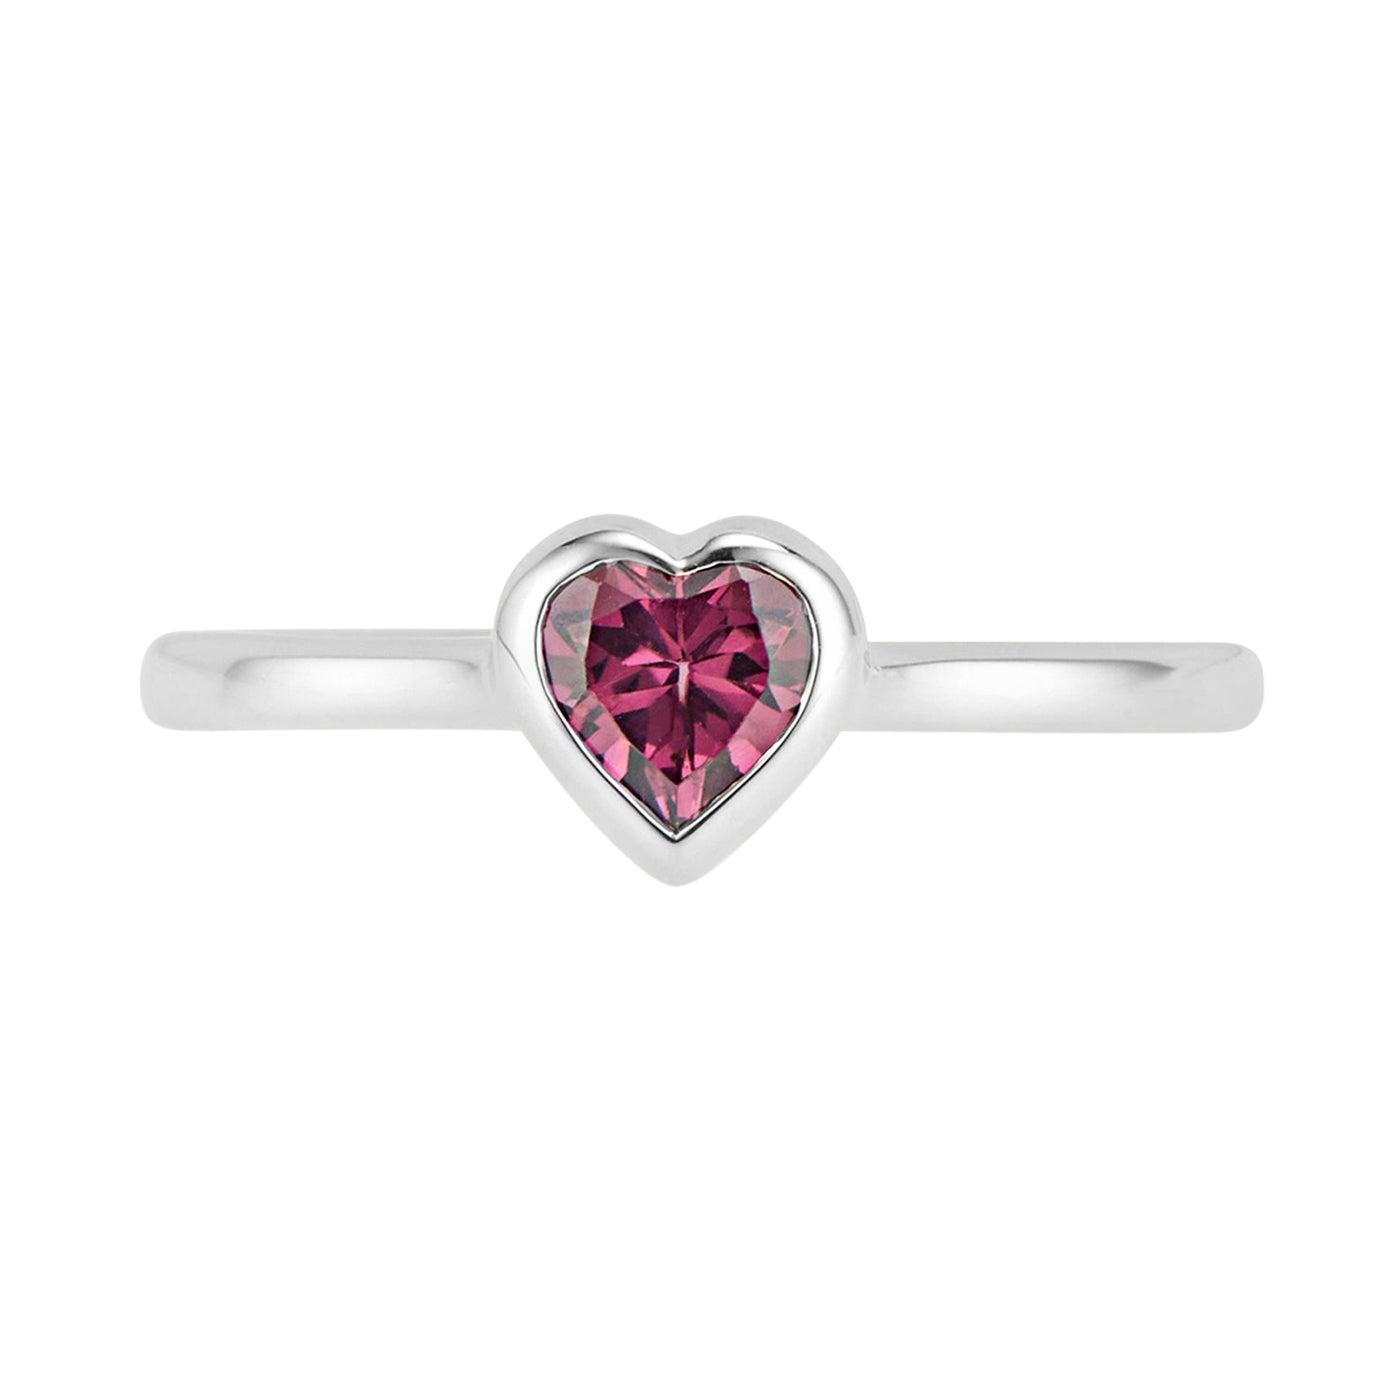 14K White Gold Rhodolite Garnet Heart Ring